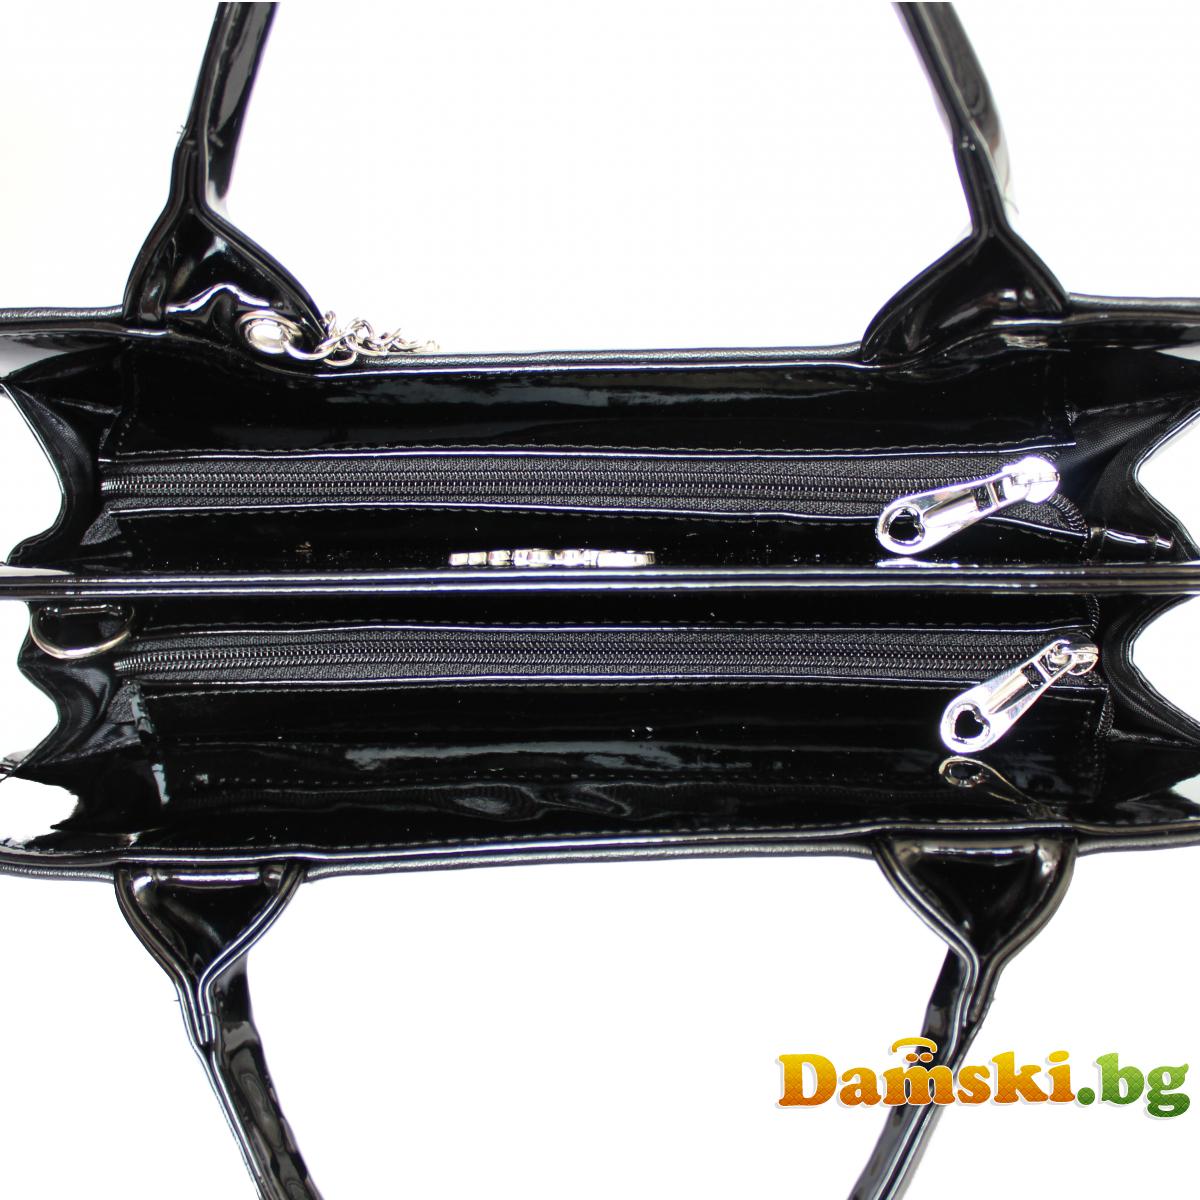 Стилна дамска чанта Хриси - черна Снимка 2 от 4